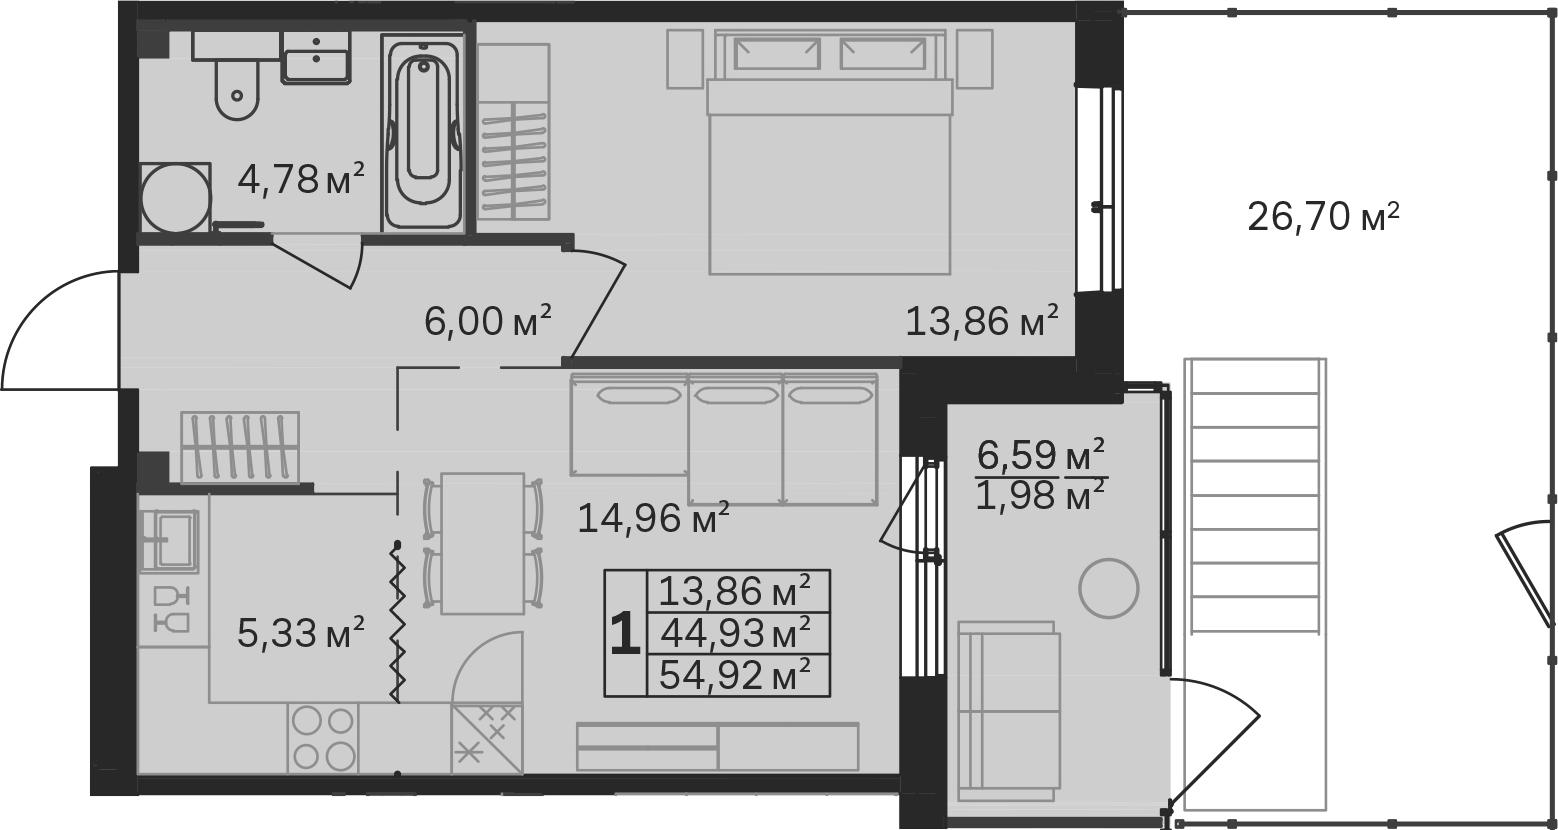 2-к.кв (евро), 78.23 м²